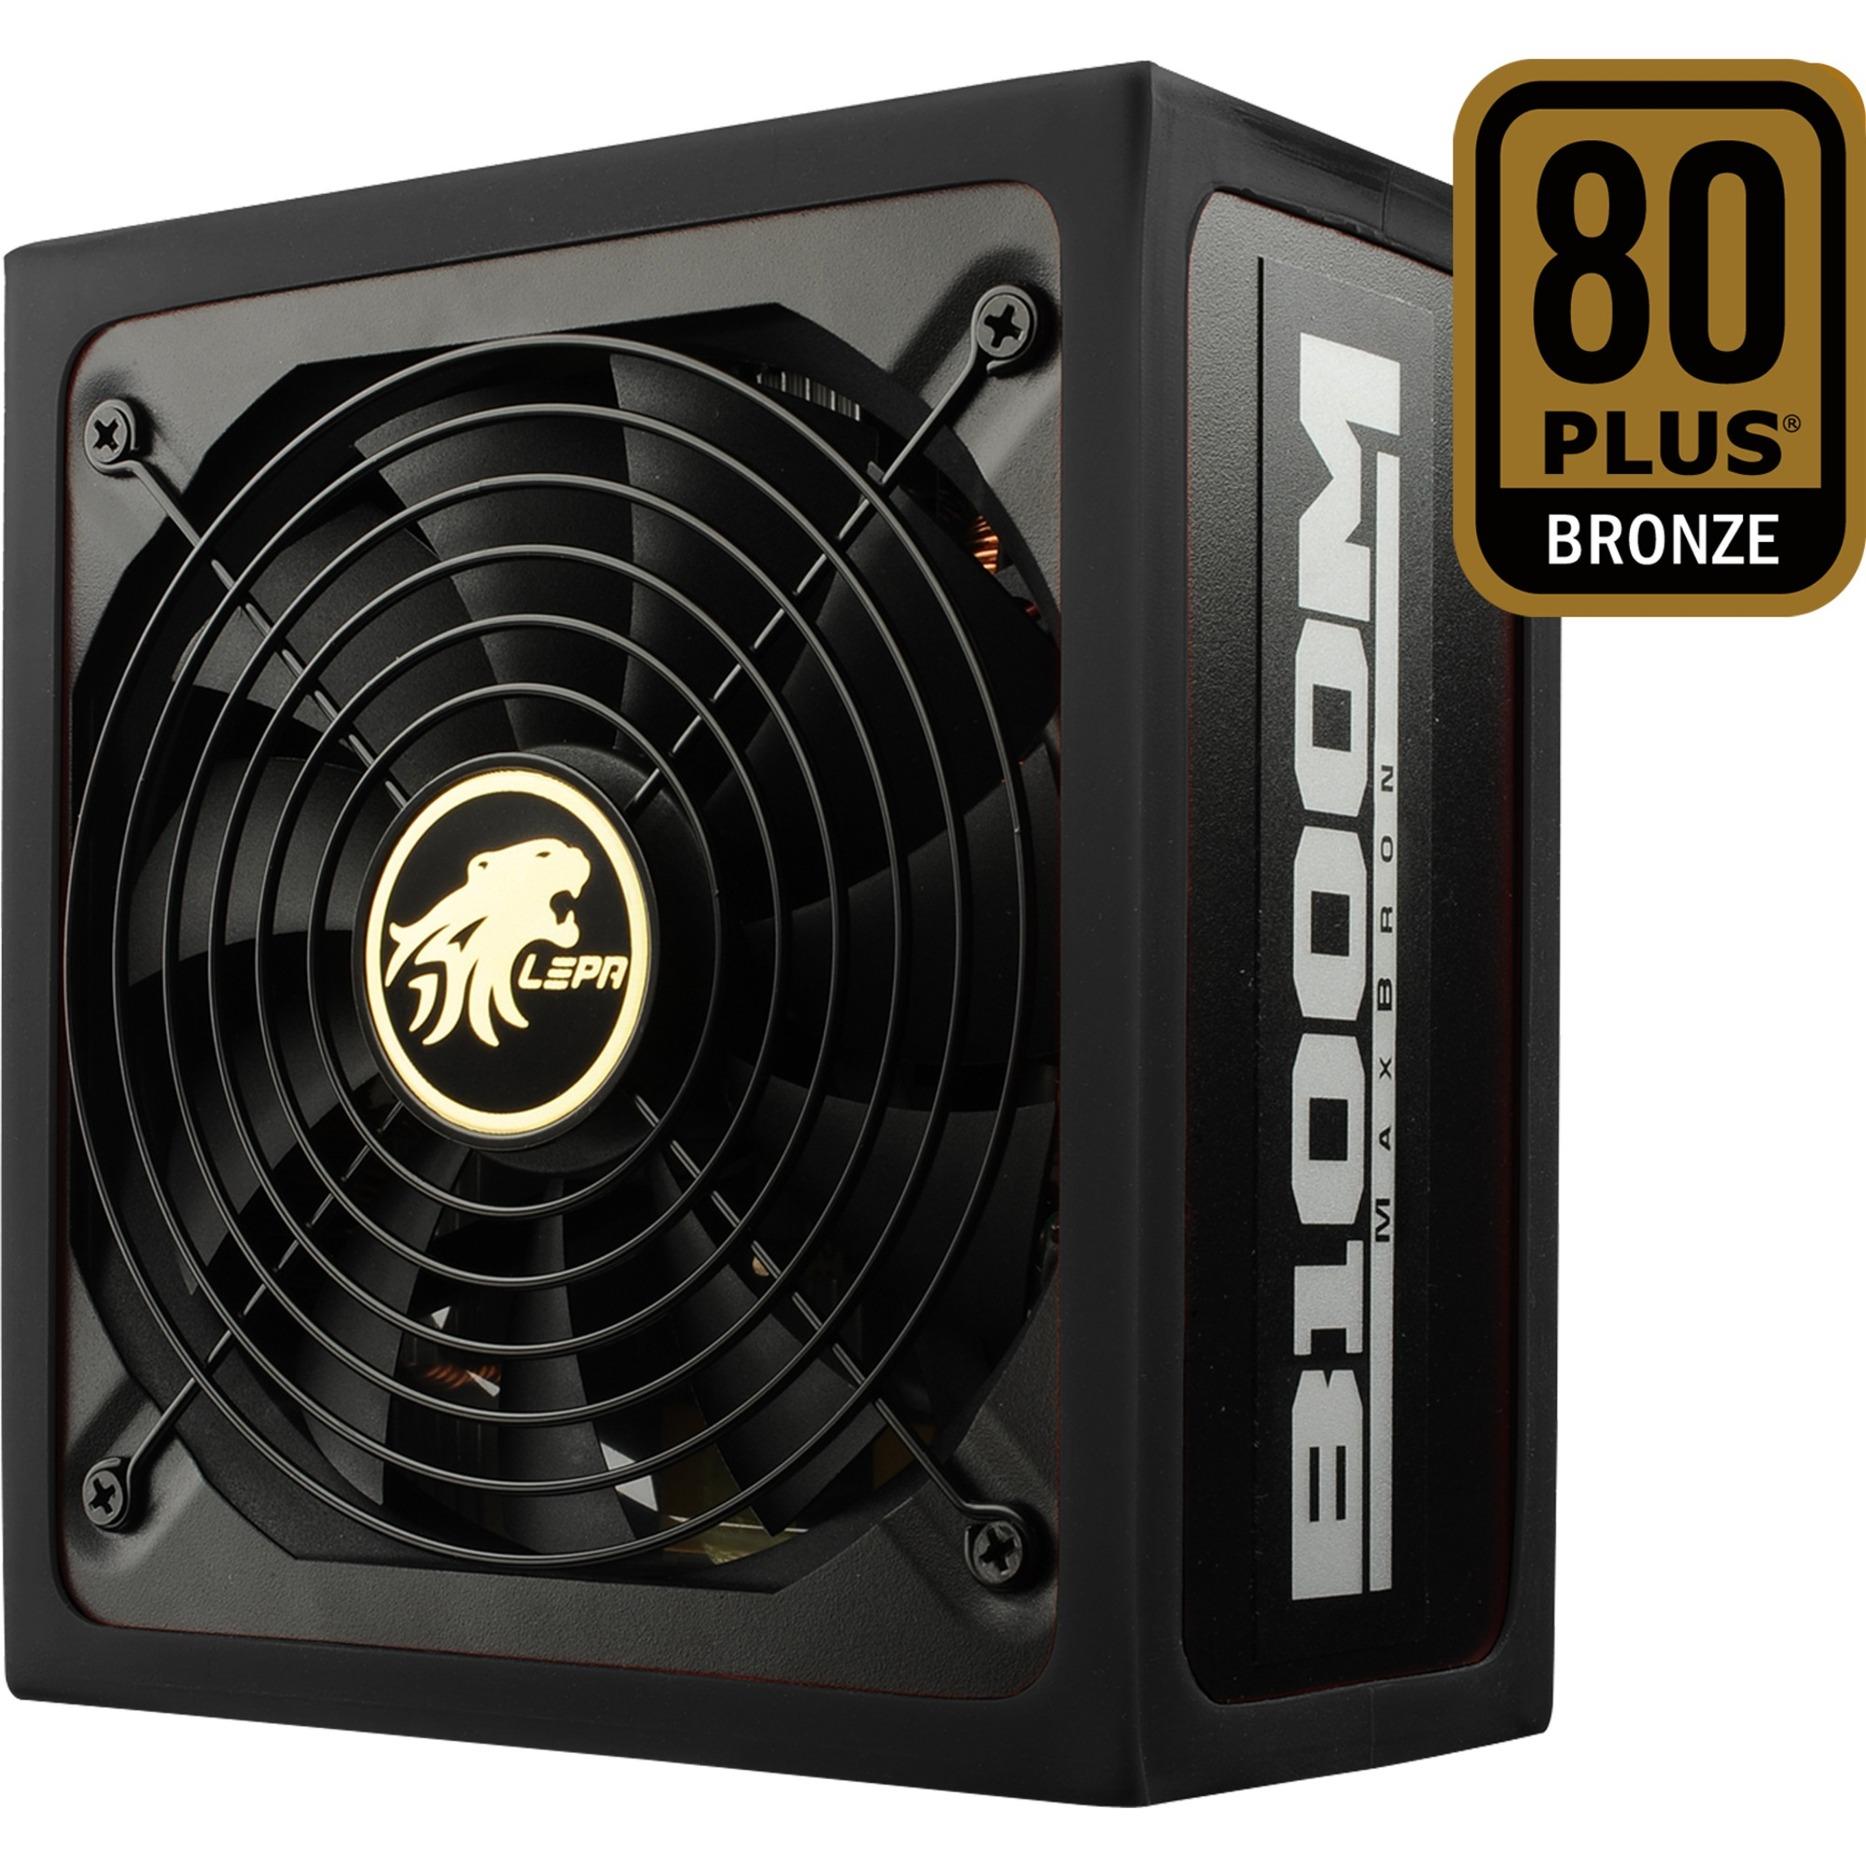 B1000-MB 1000W ATX Negro, Rojo unidad de fuente de alimentación, Fuente de alimentación de PC